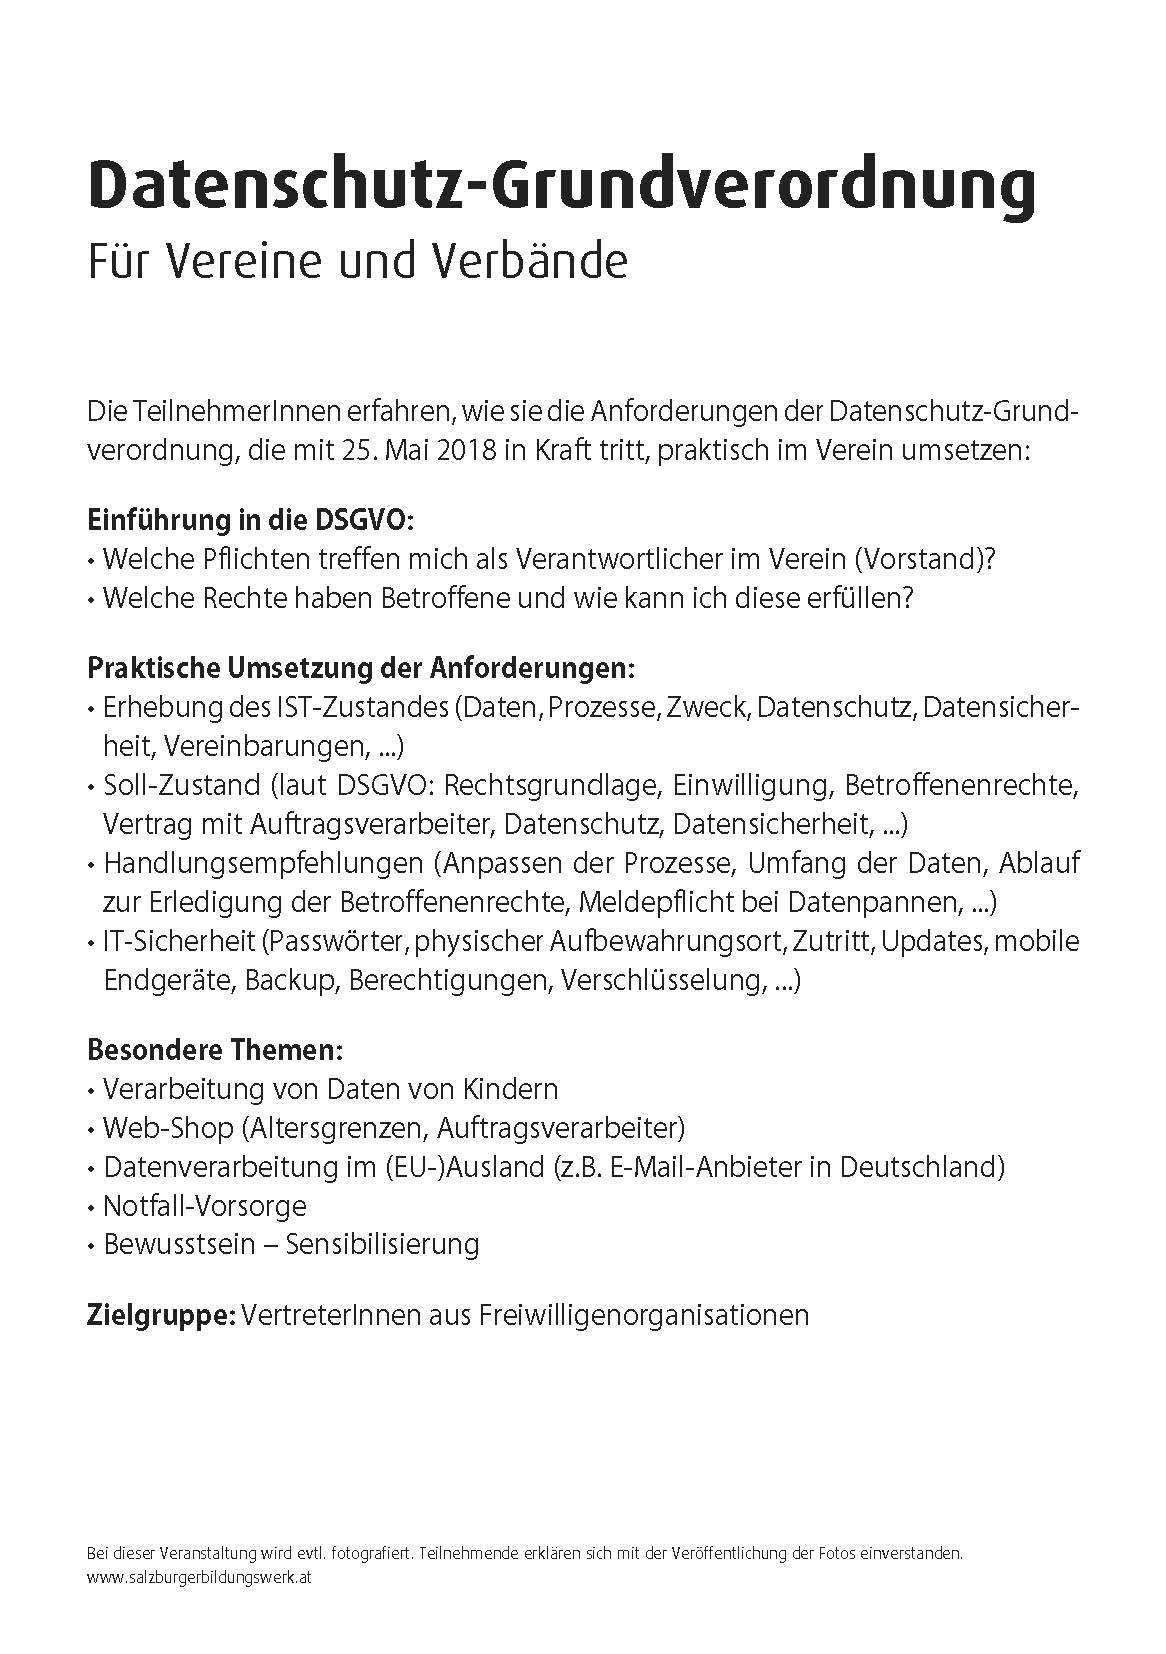 Datenschutz-Grundverordnung_Einladung_Seite_2